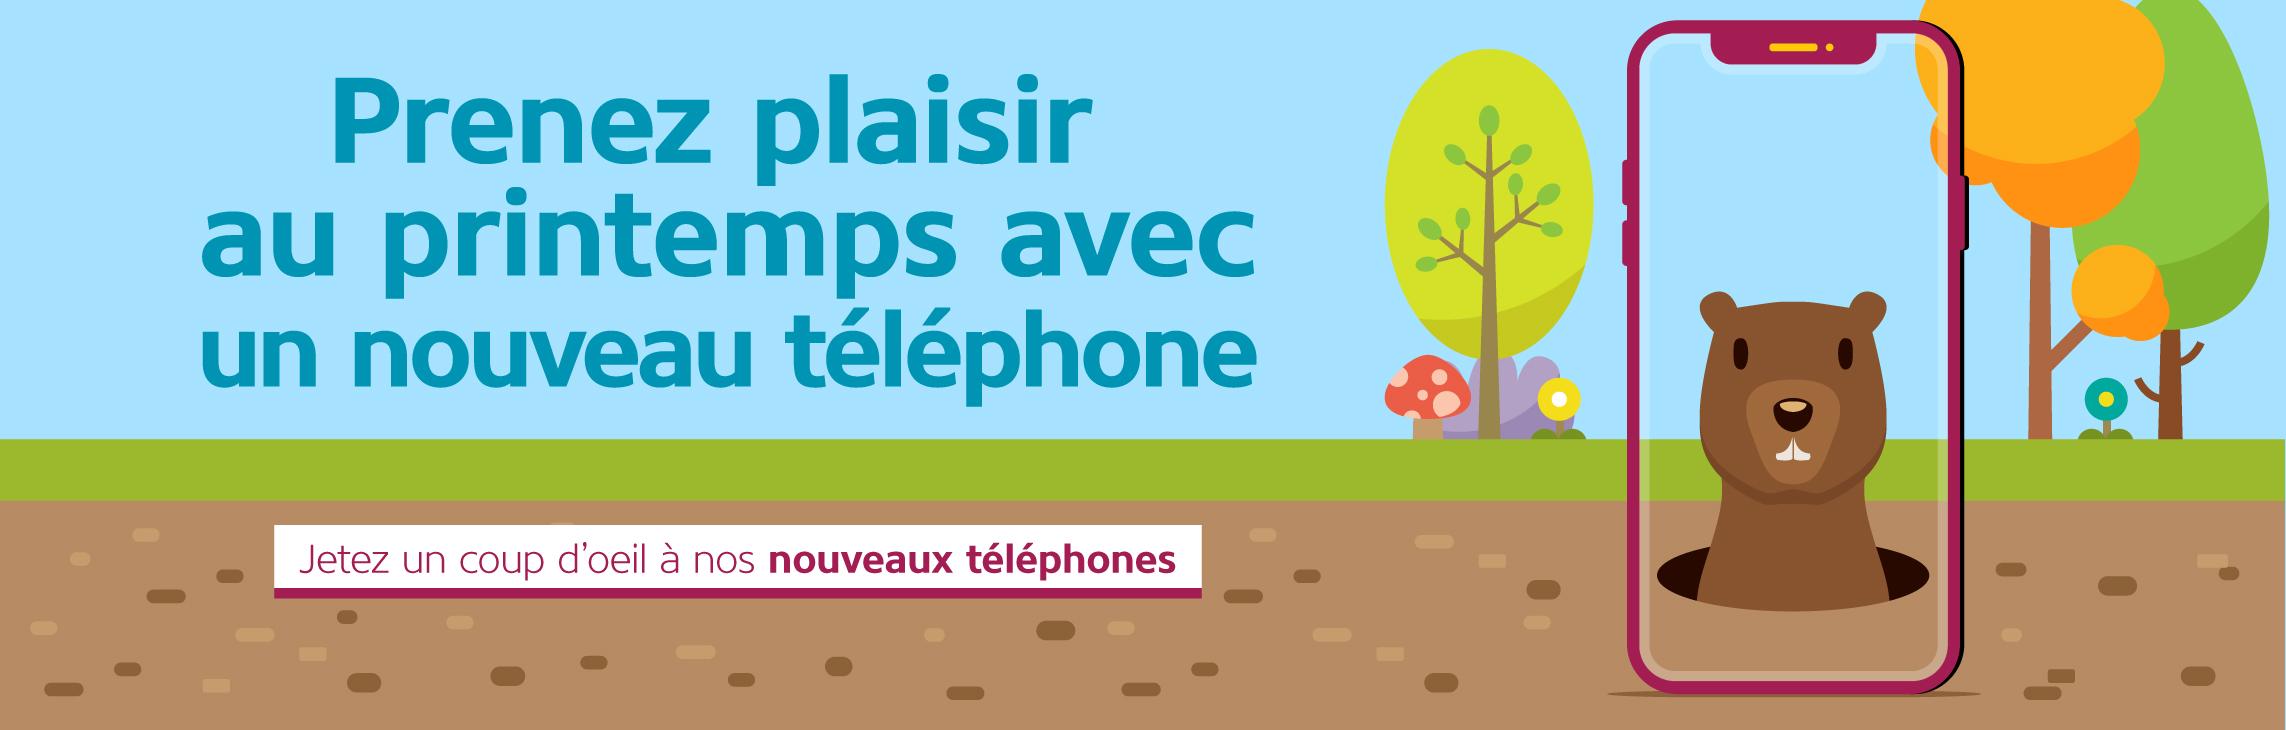 Prenez plaisir au printemps avec un nouveau telephone